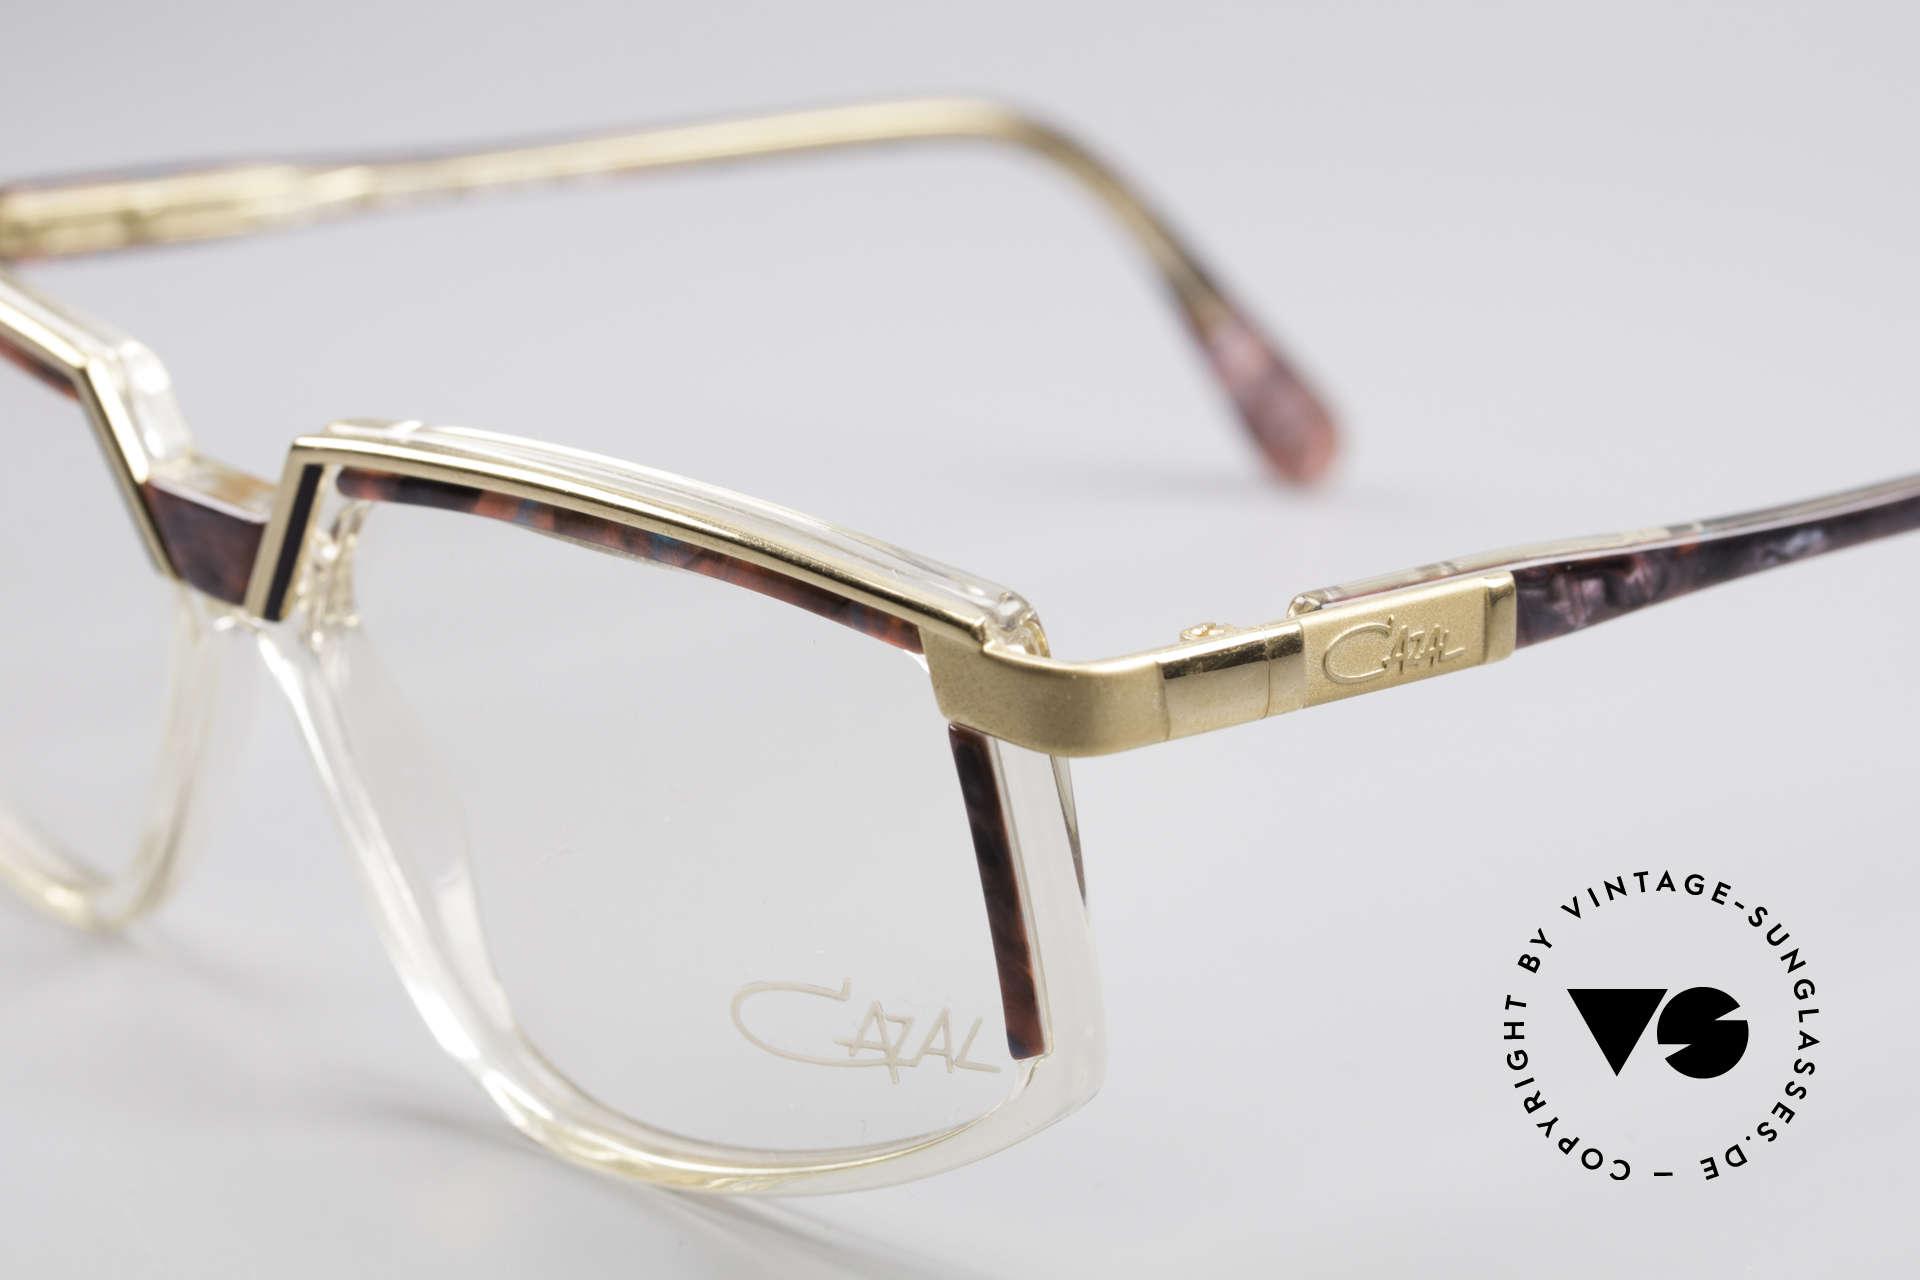 Cazal 337 Vintage Cazal No Retro Brille, ungetragen (wie alle unsere Cazal Brillenfassungen), Passend für Damen